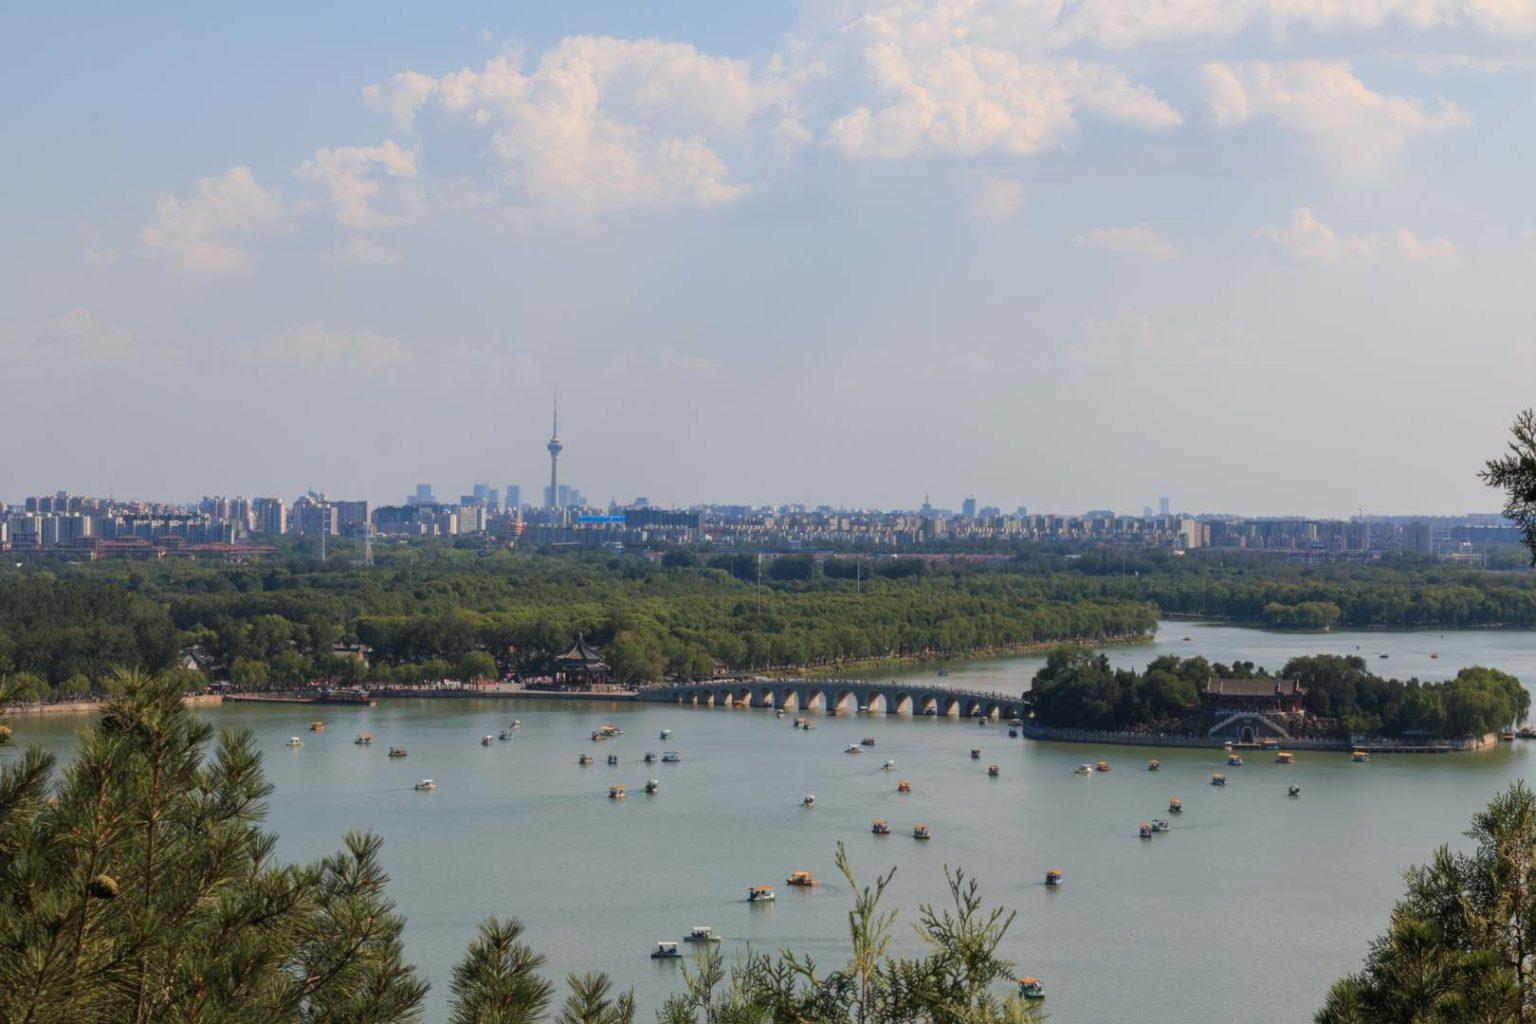 Neuer Sommerpalast, Kunming-See (Peking, China)